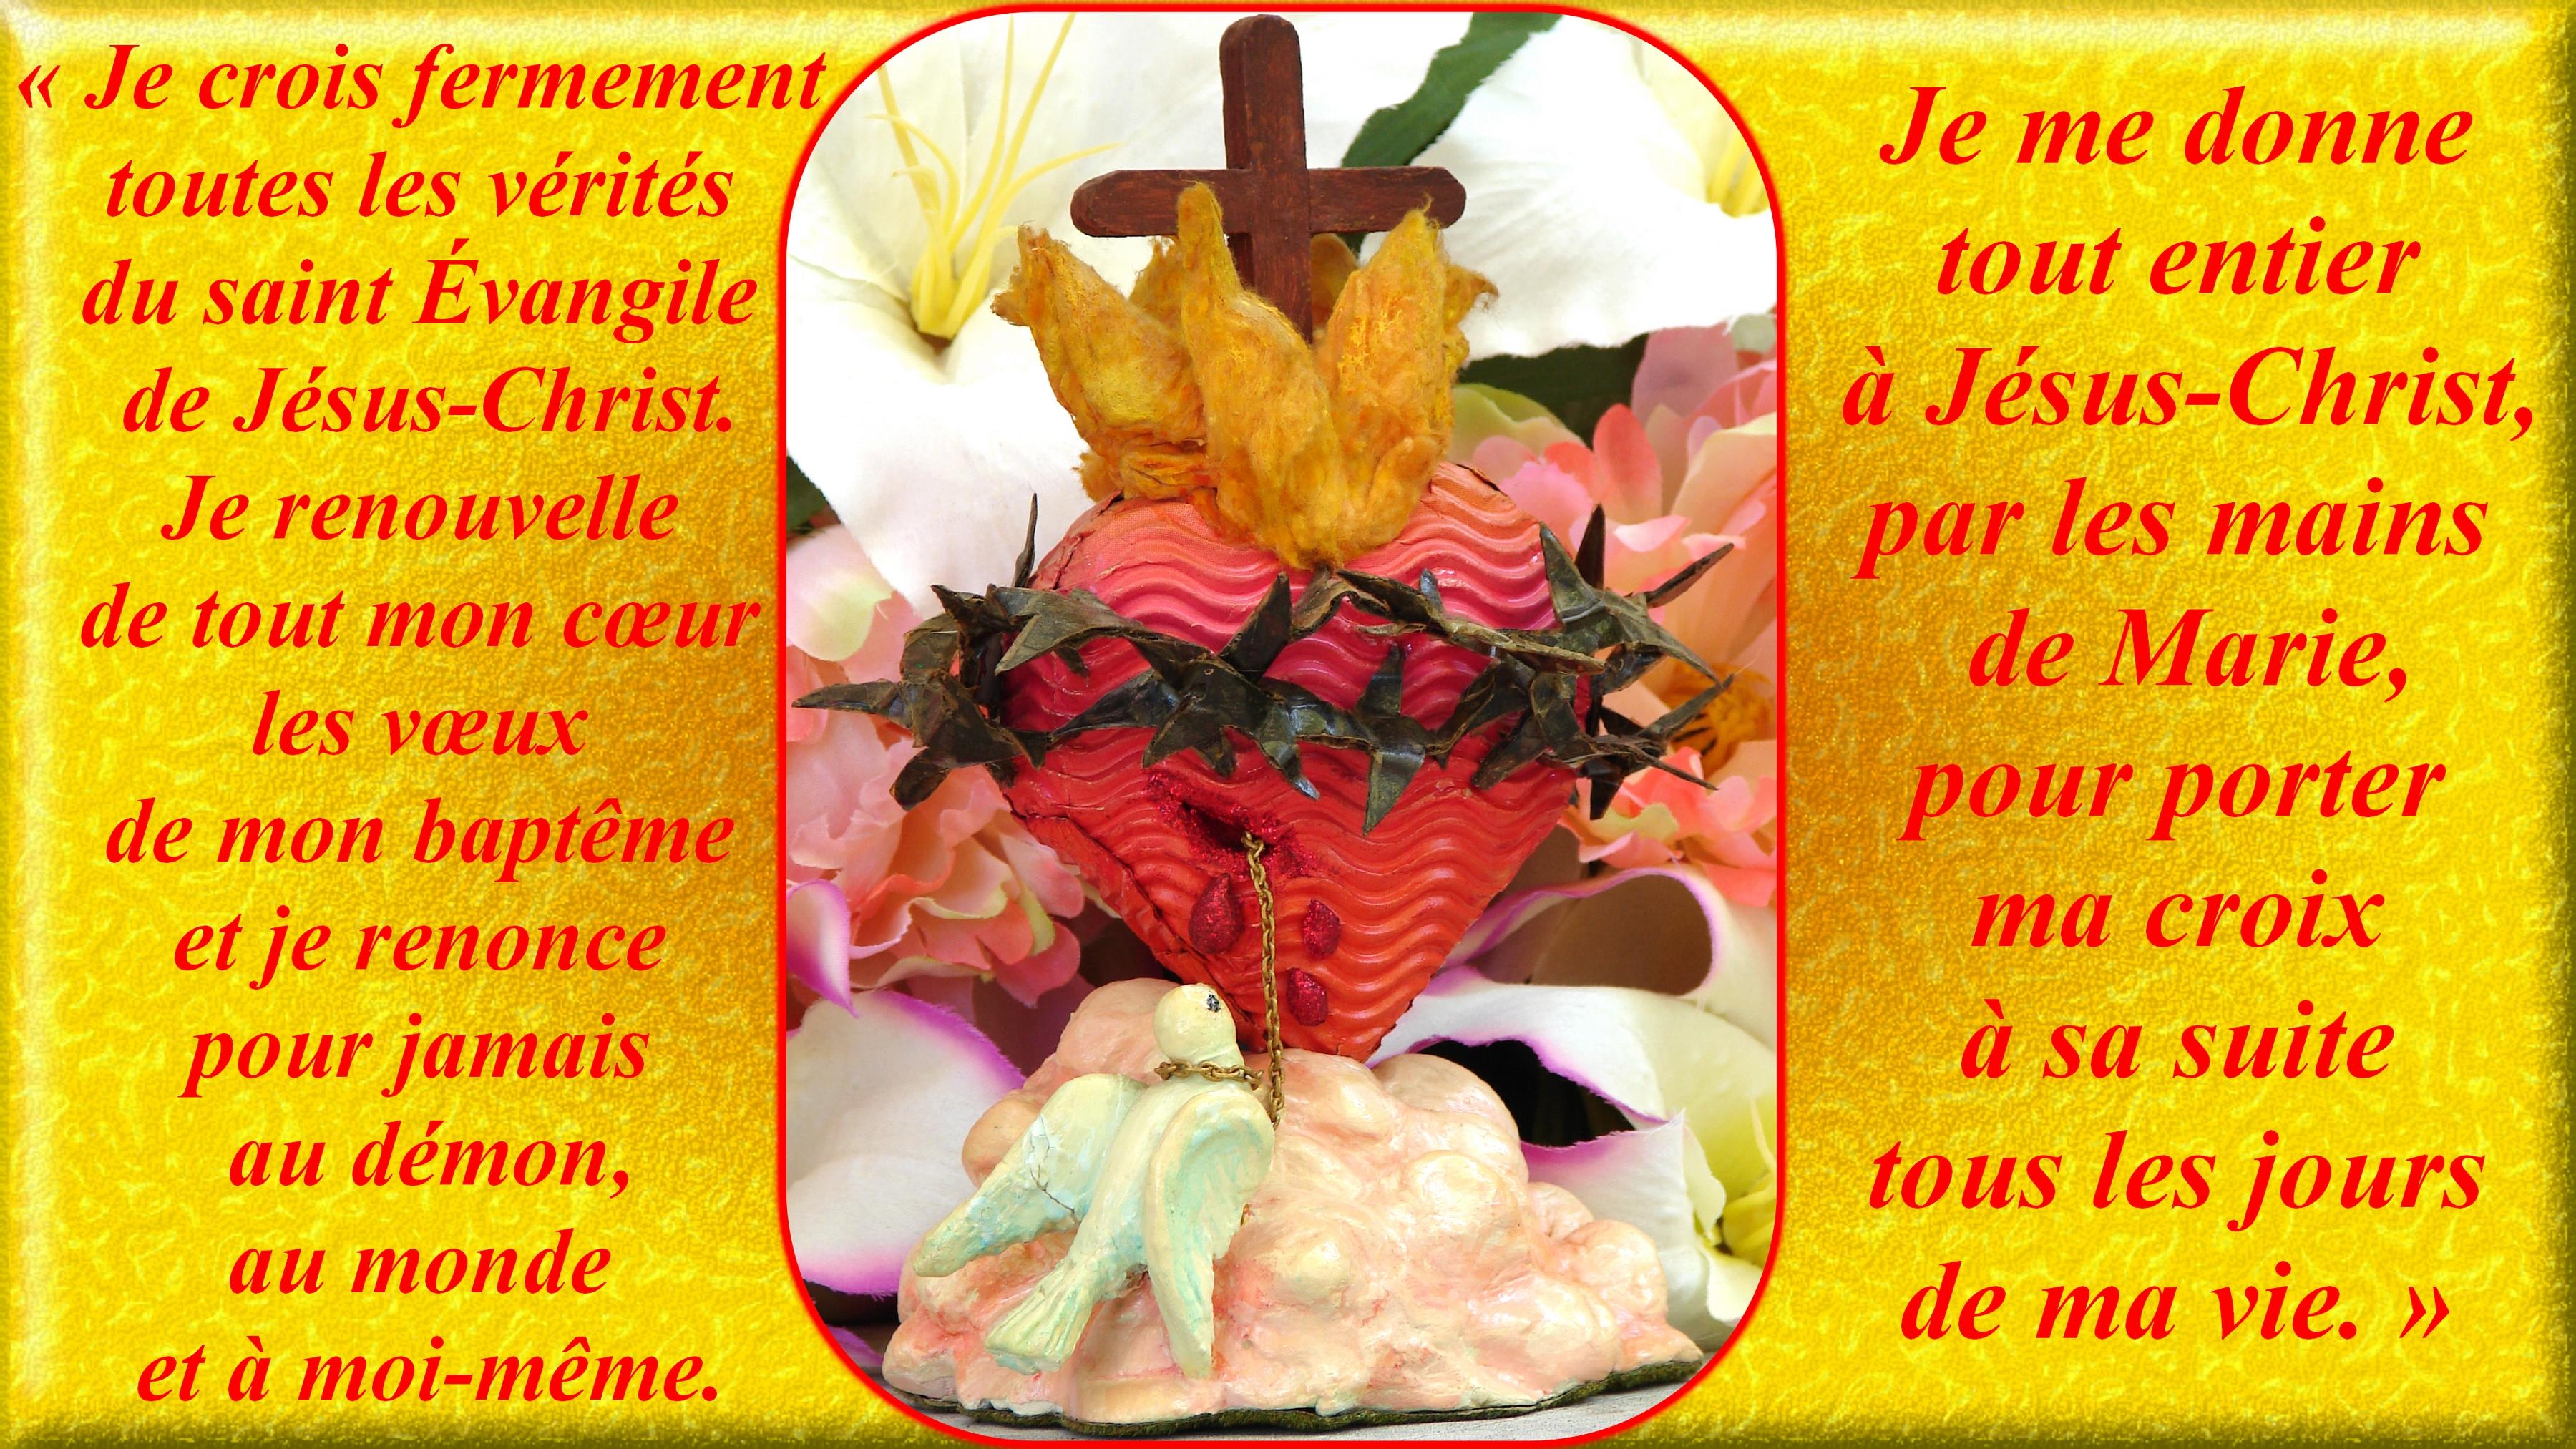 CALENDRIER CATHOLIQUE 2020 (Cantiques, Prières & Images) - Page 12 Formule-montforta...-bapt-me-56e10fd